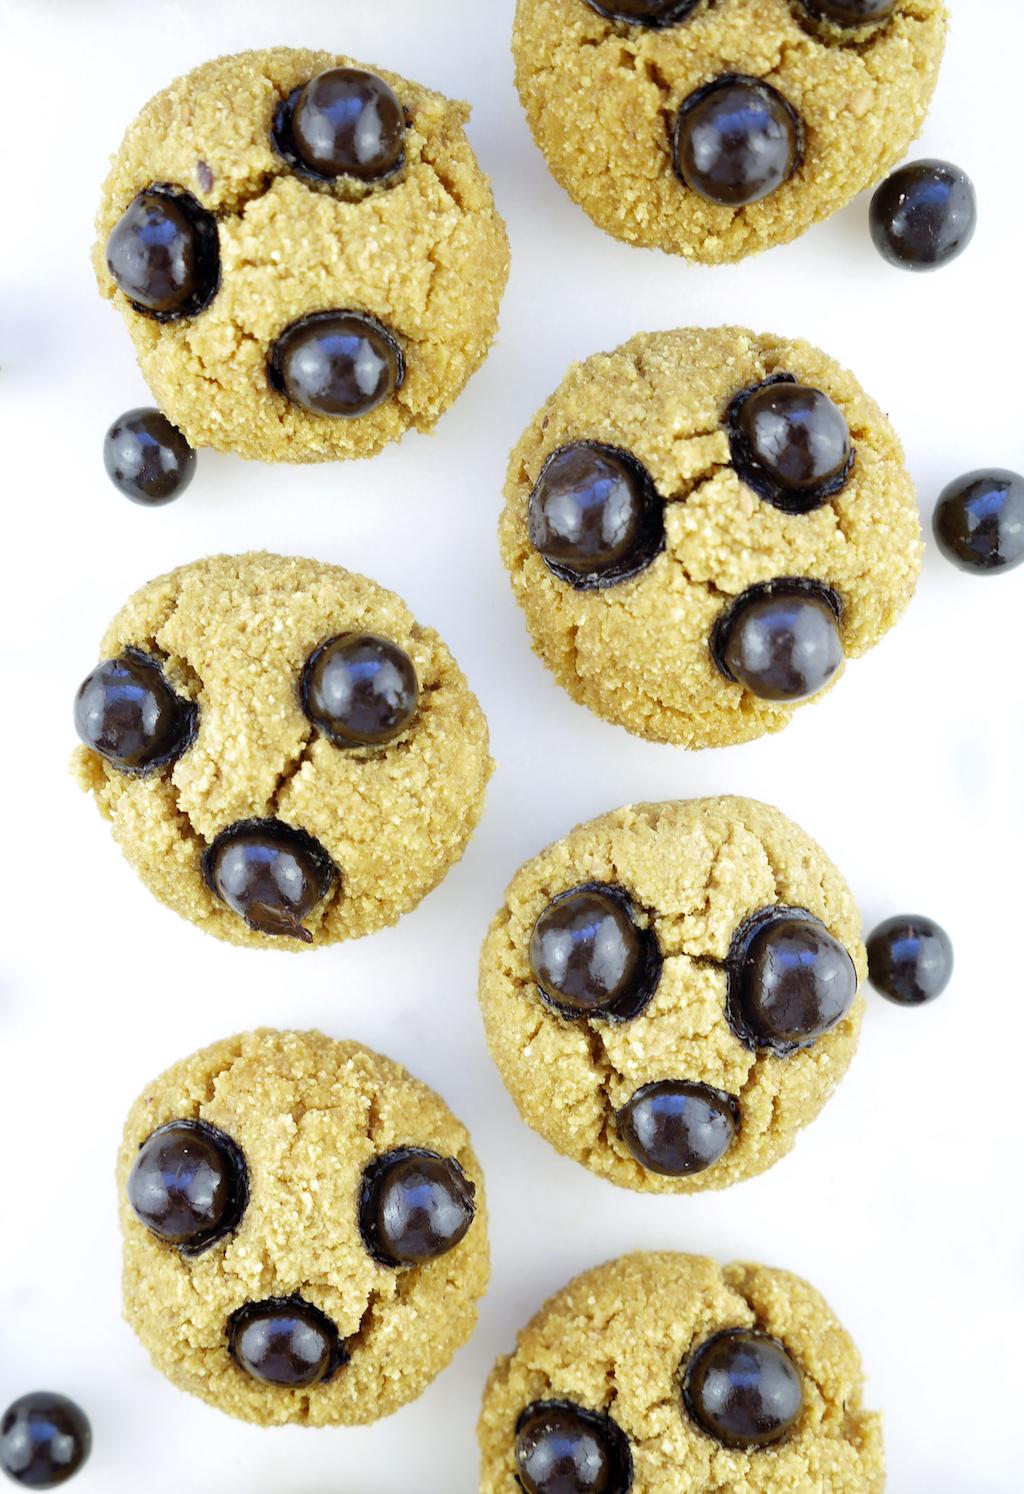 Lebby Snacks Dark Chocolate Covered Chickpeas